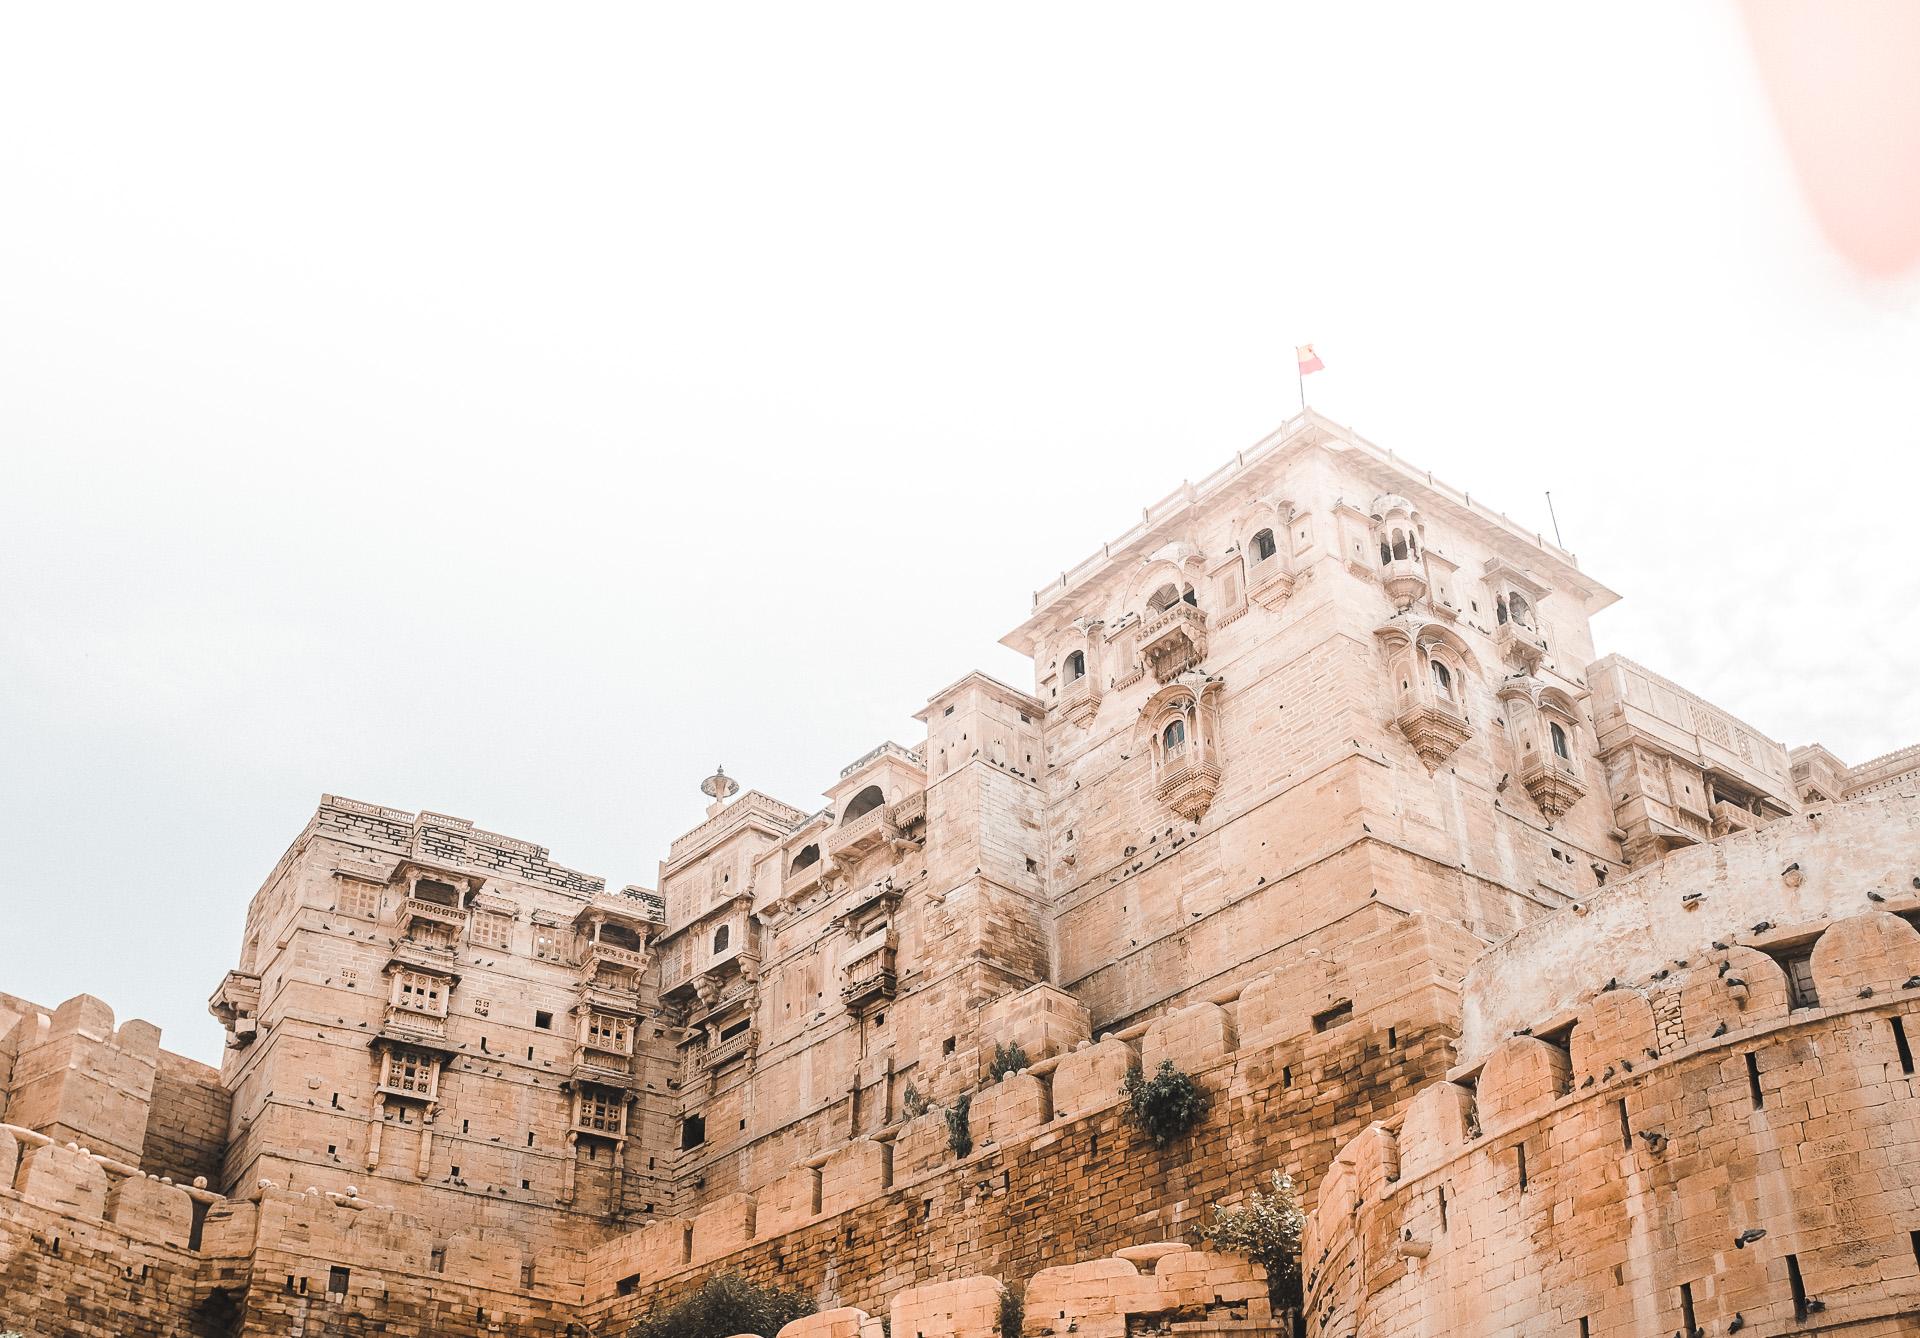 jaisalmer fort walls inside